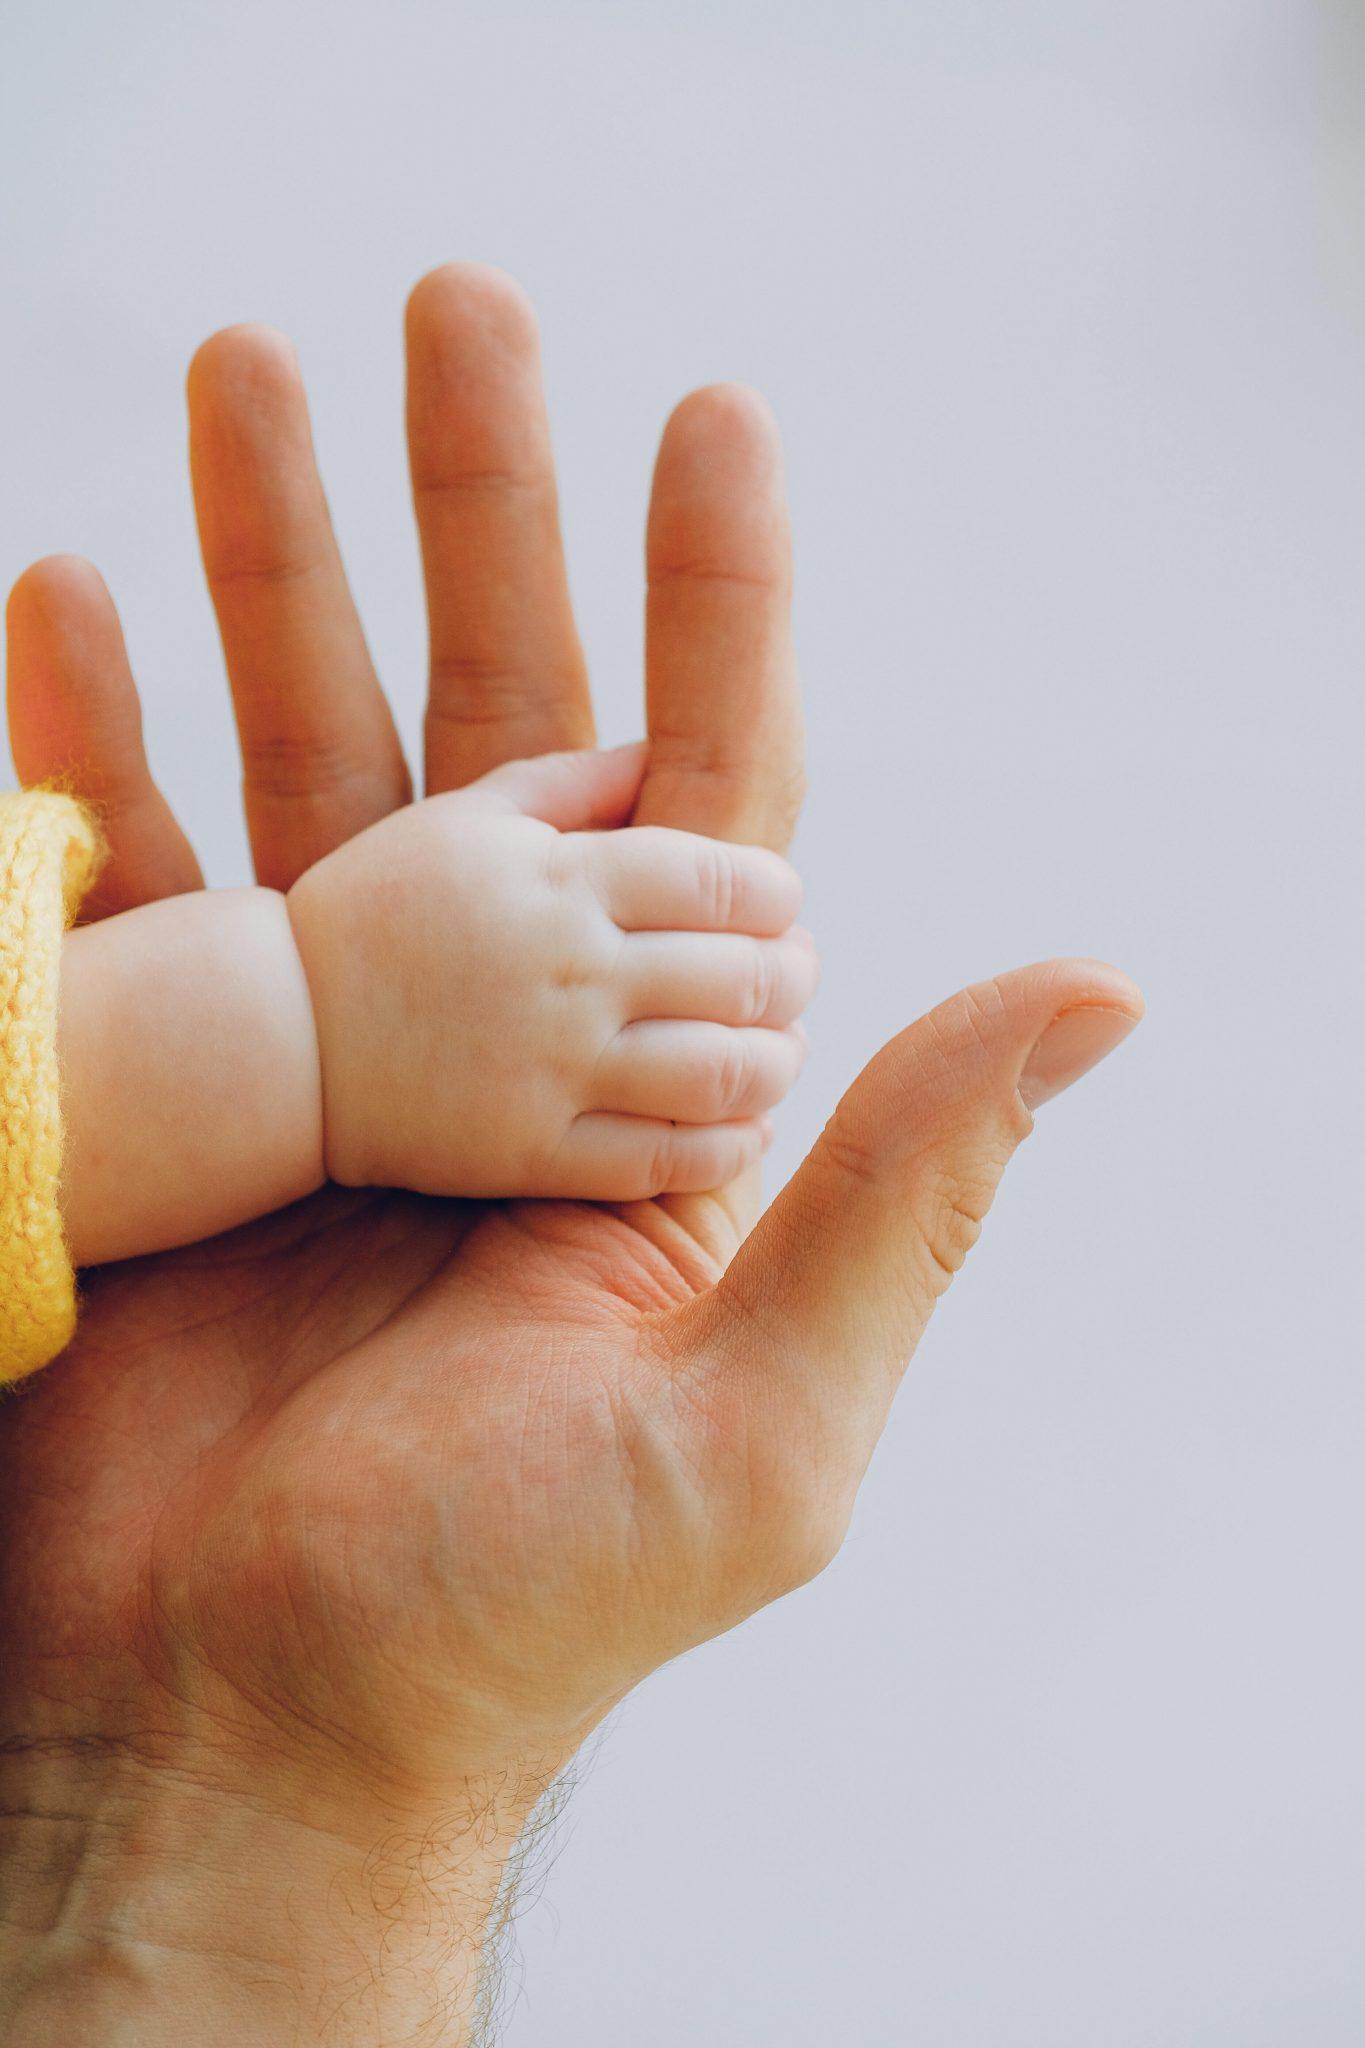 Children's immunisation